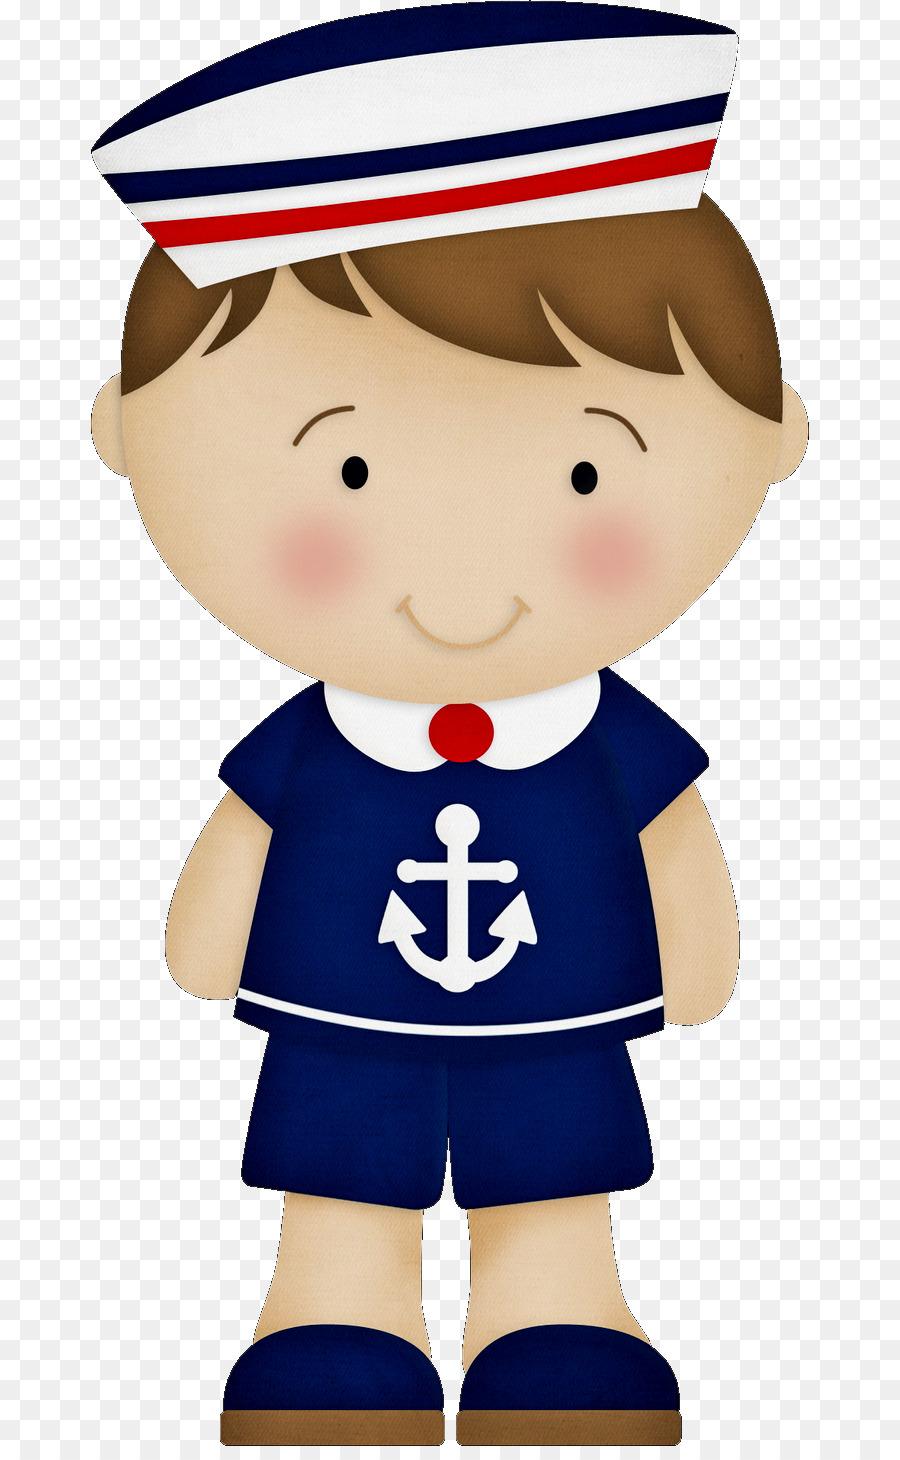 Картинка моряка для детей, открытки юбилей